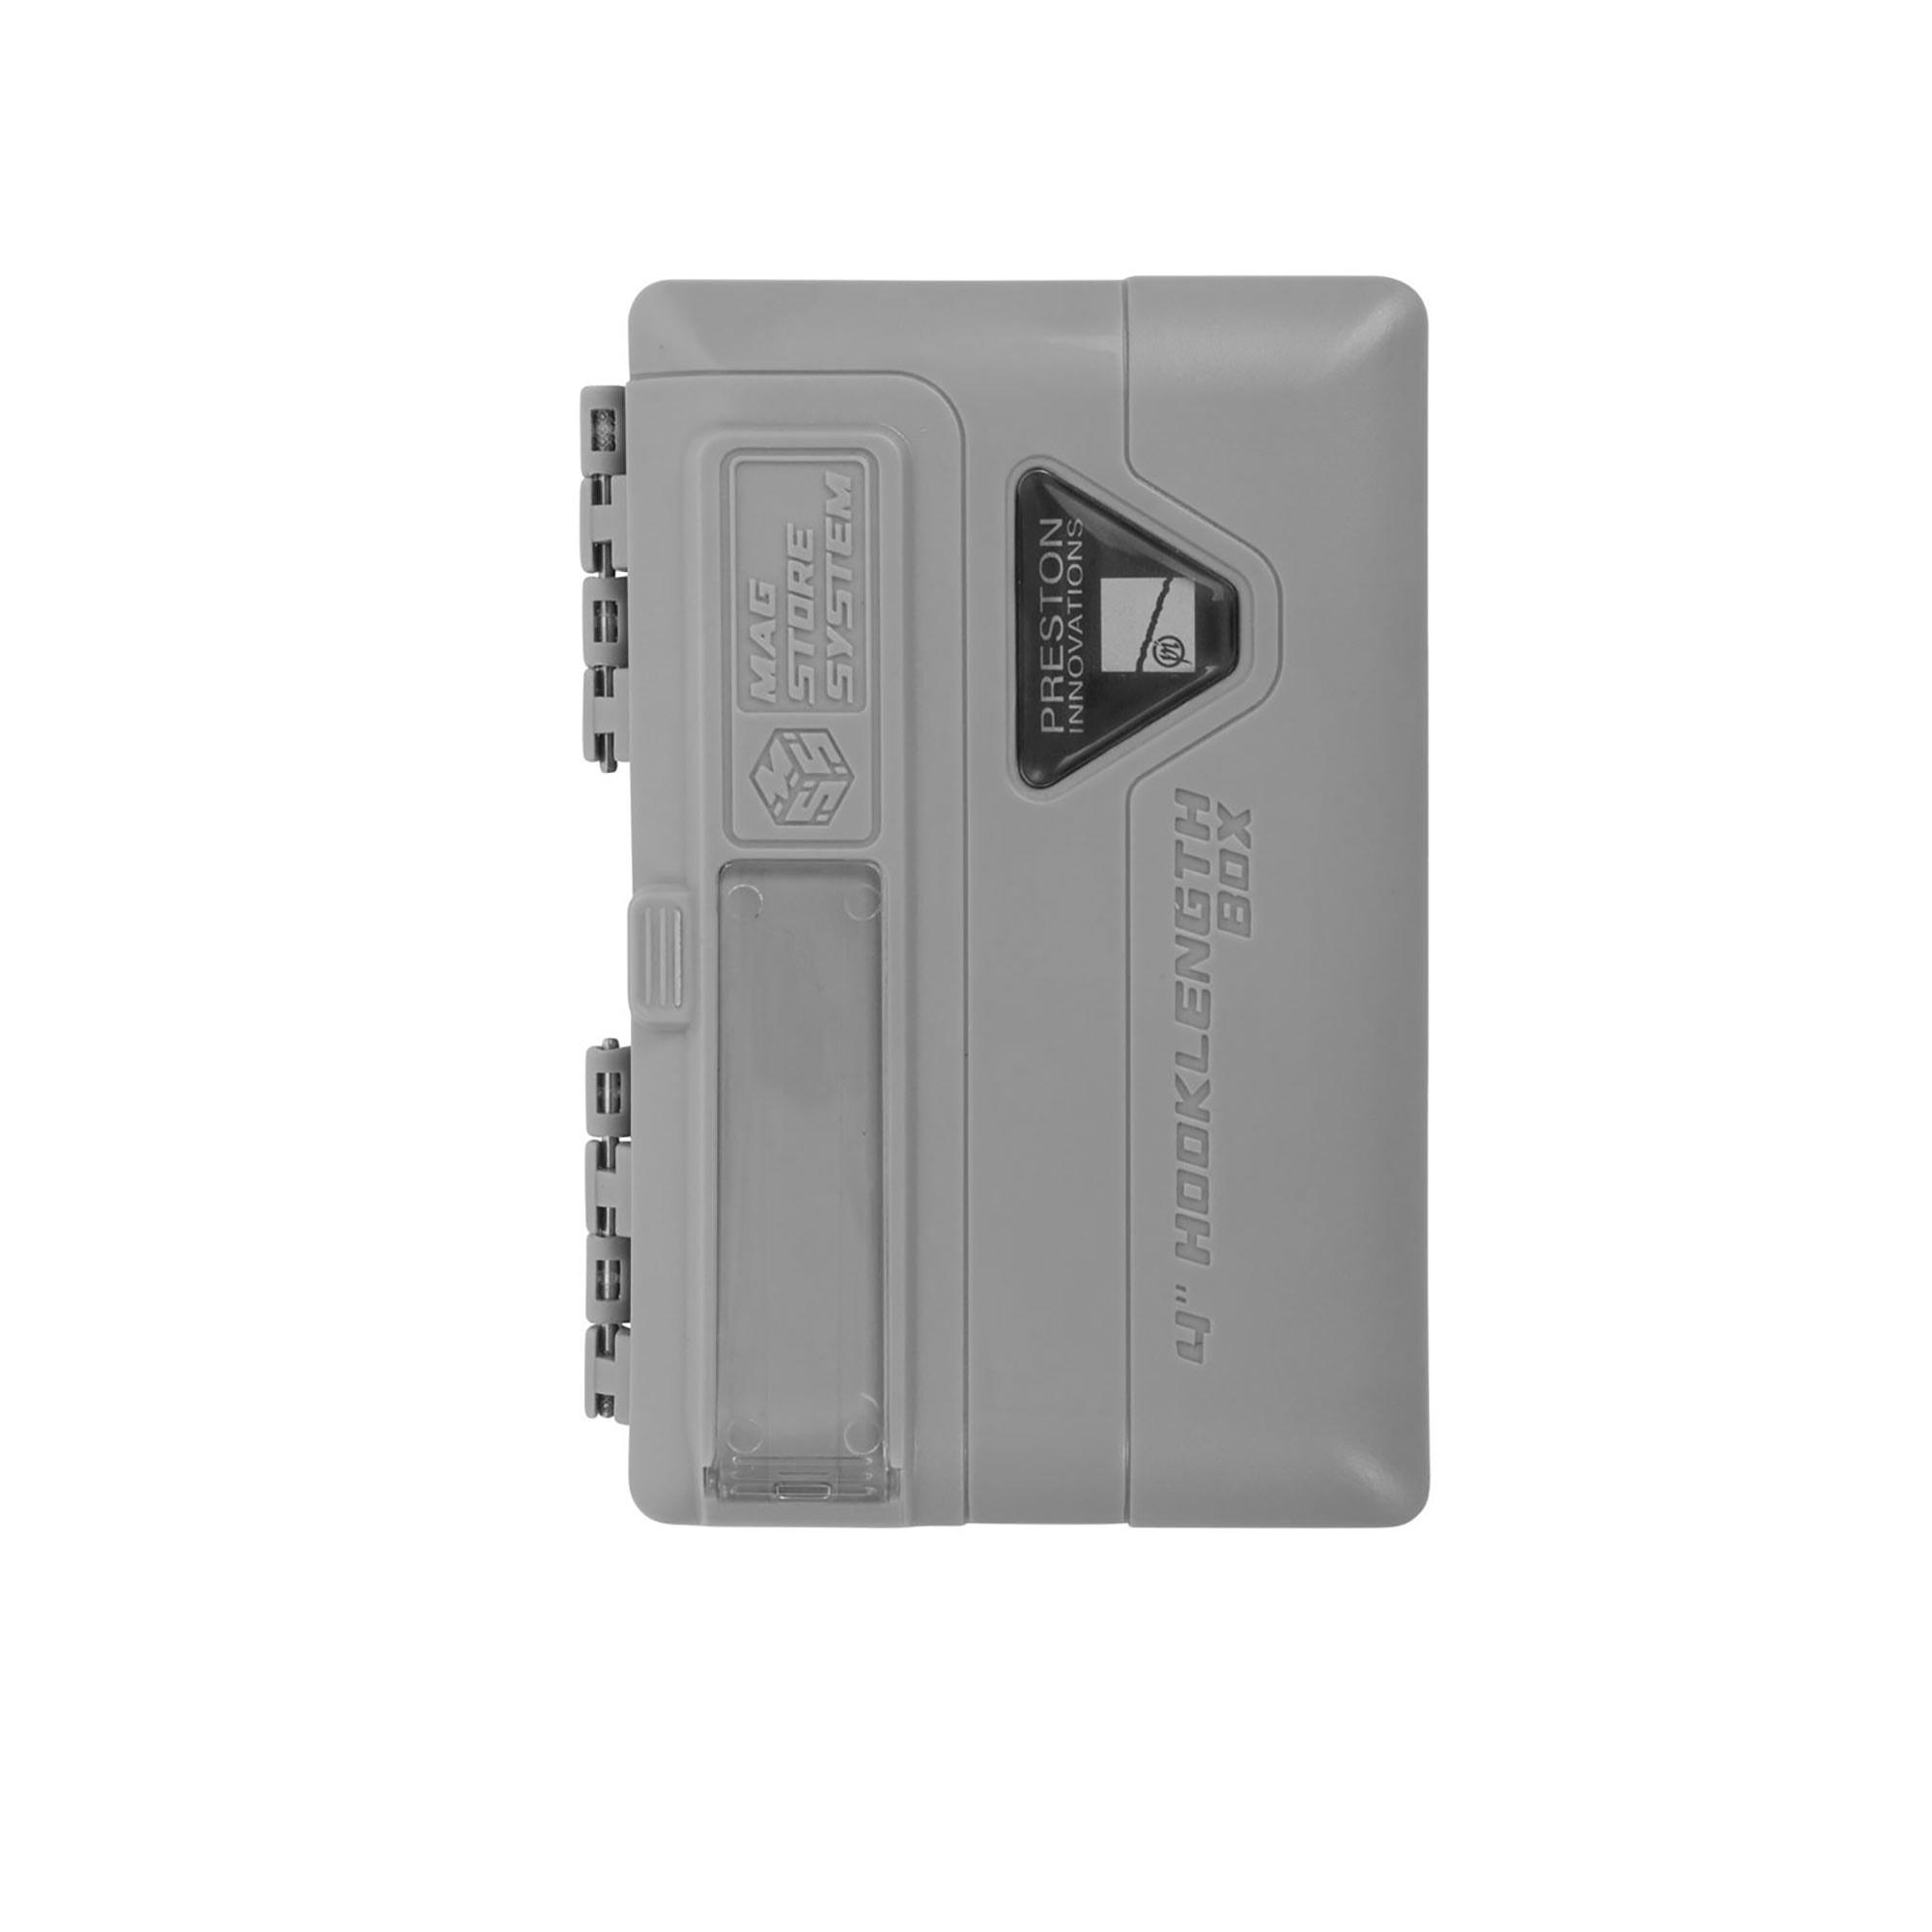 Box porta finali Mag Store (grigio senza ricambi) PRESTON 10 cm